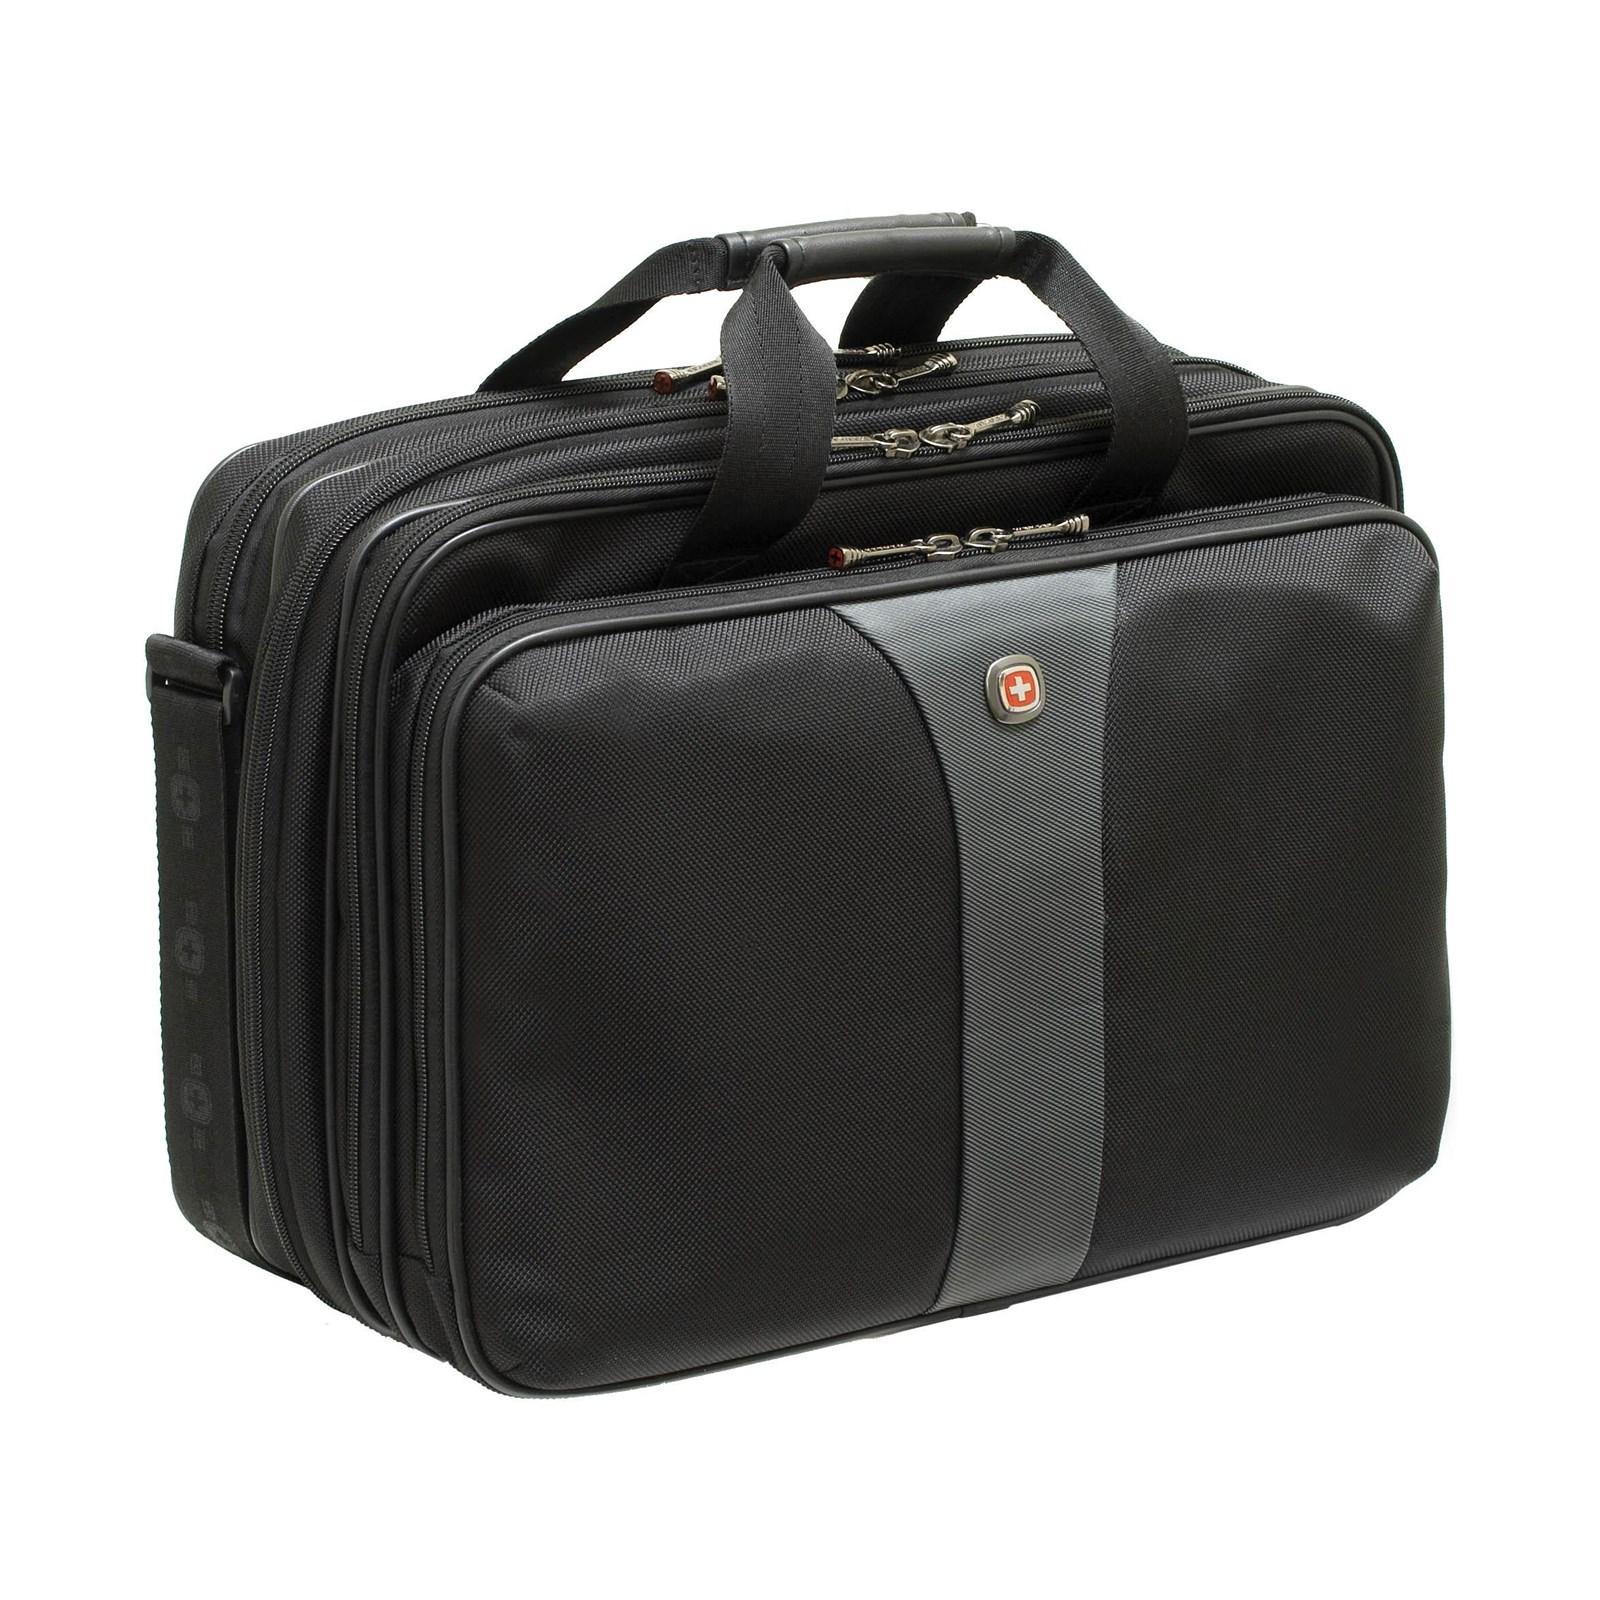 Wenger Swissgear Legacy 17 inch Laptop Case 3a59bc5d2e11d